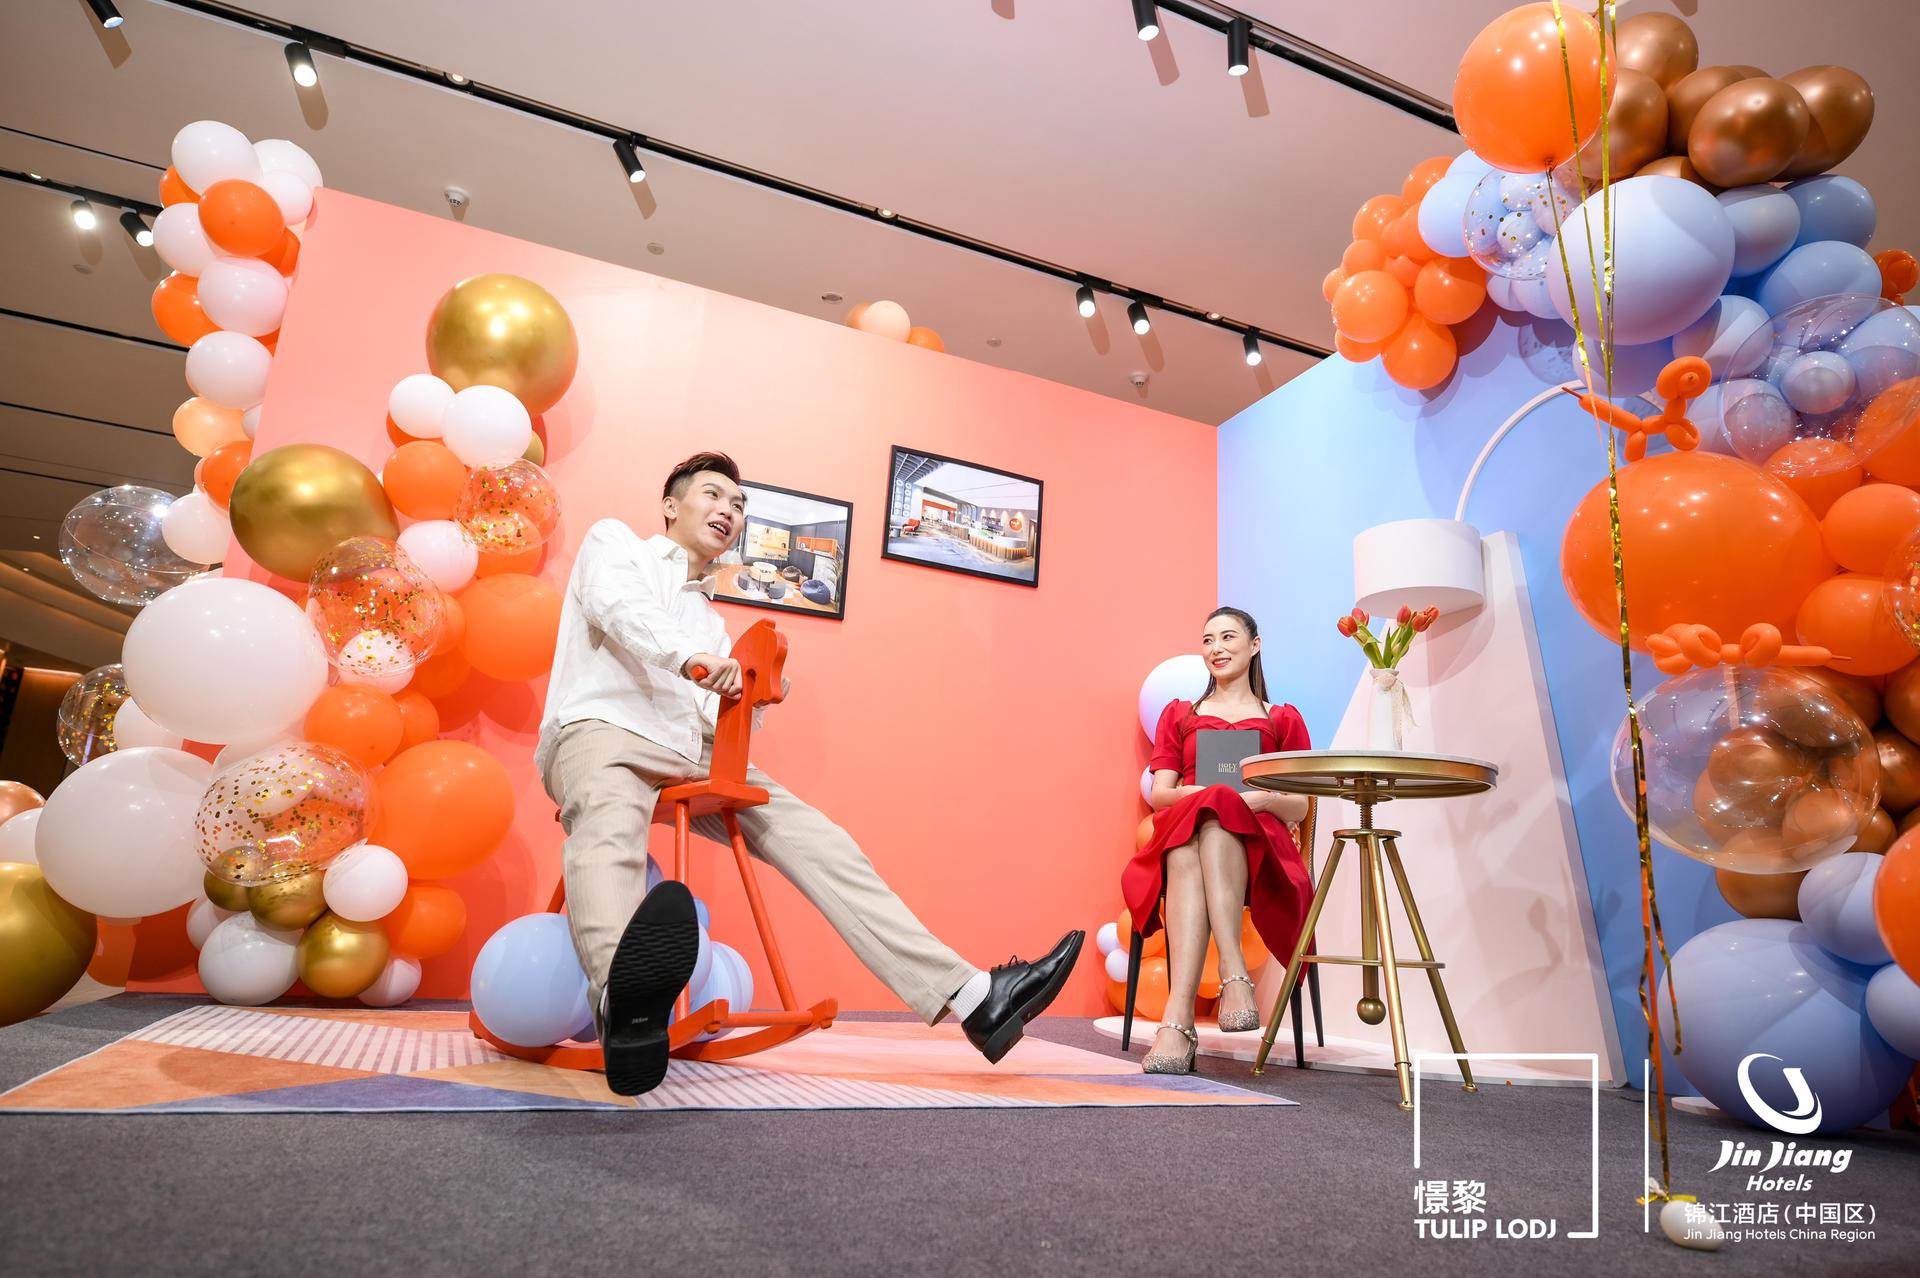 """""""寓见憬黎""""品牌发布会活动策划以创意概念空间的形式呈现生活方式趣味"""